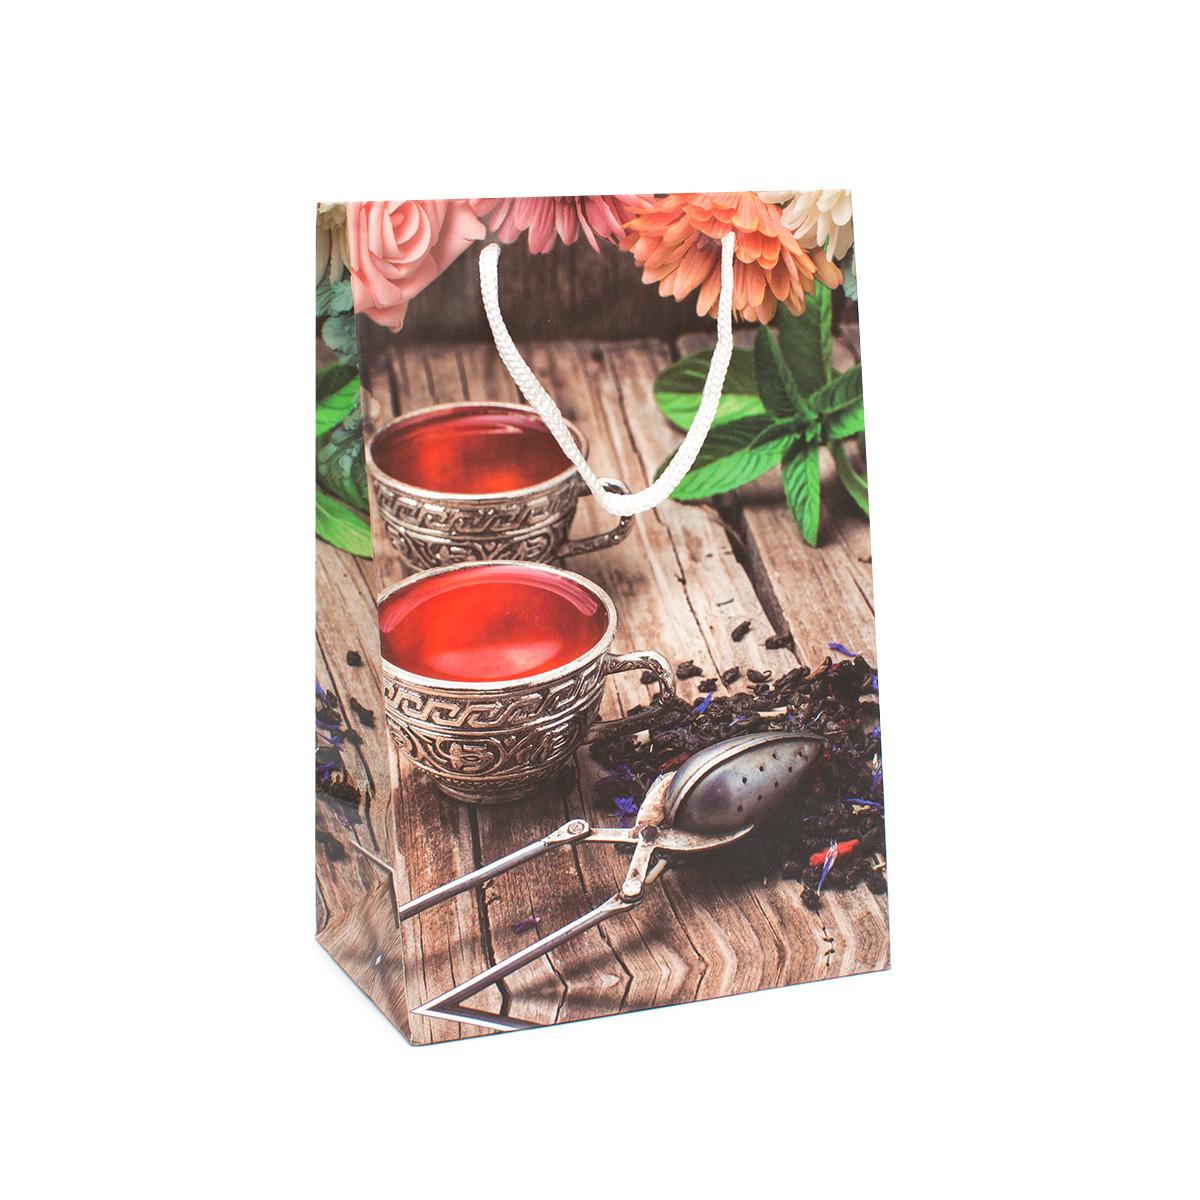 Фото - Пакет подарочный Любимый чай, 23*15 см пакет подарочный новогодние игрушки 23 15 см